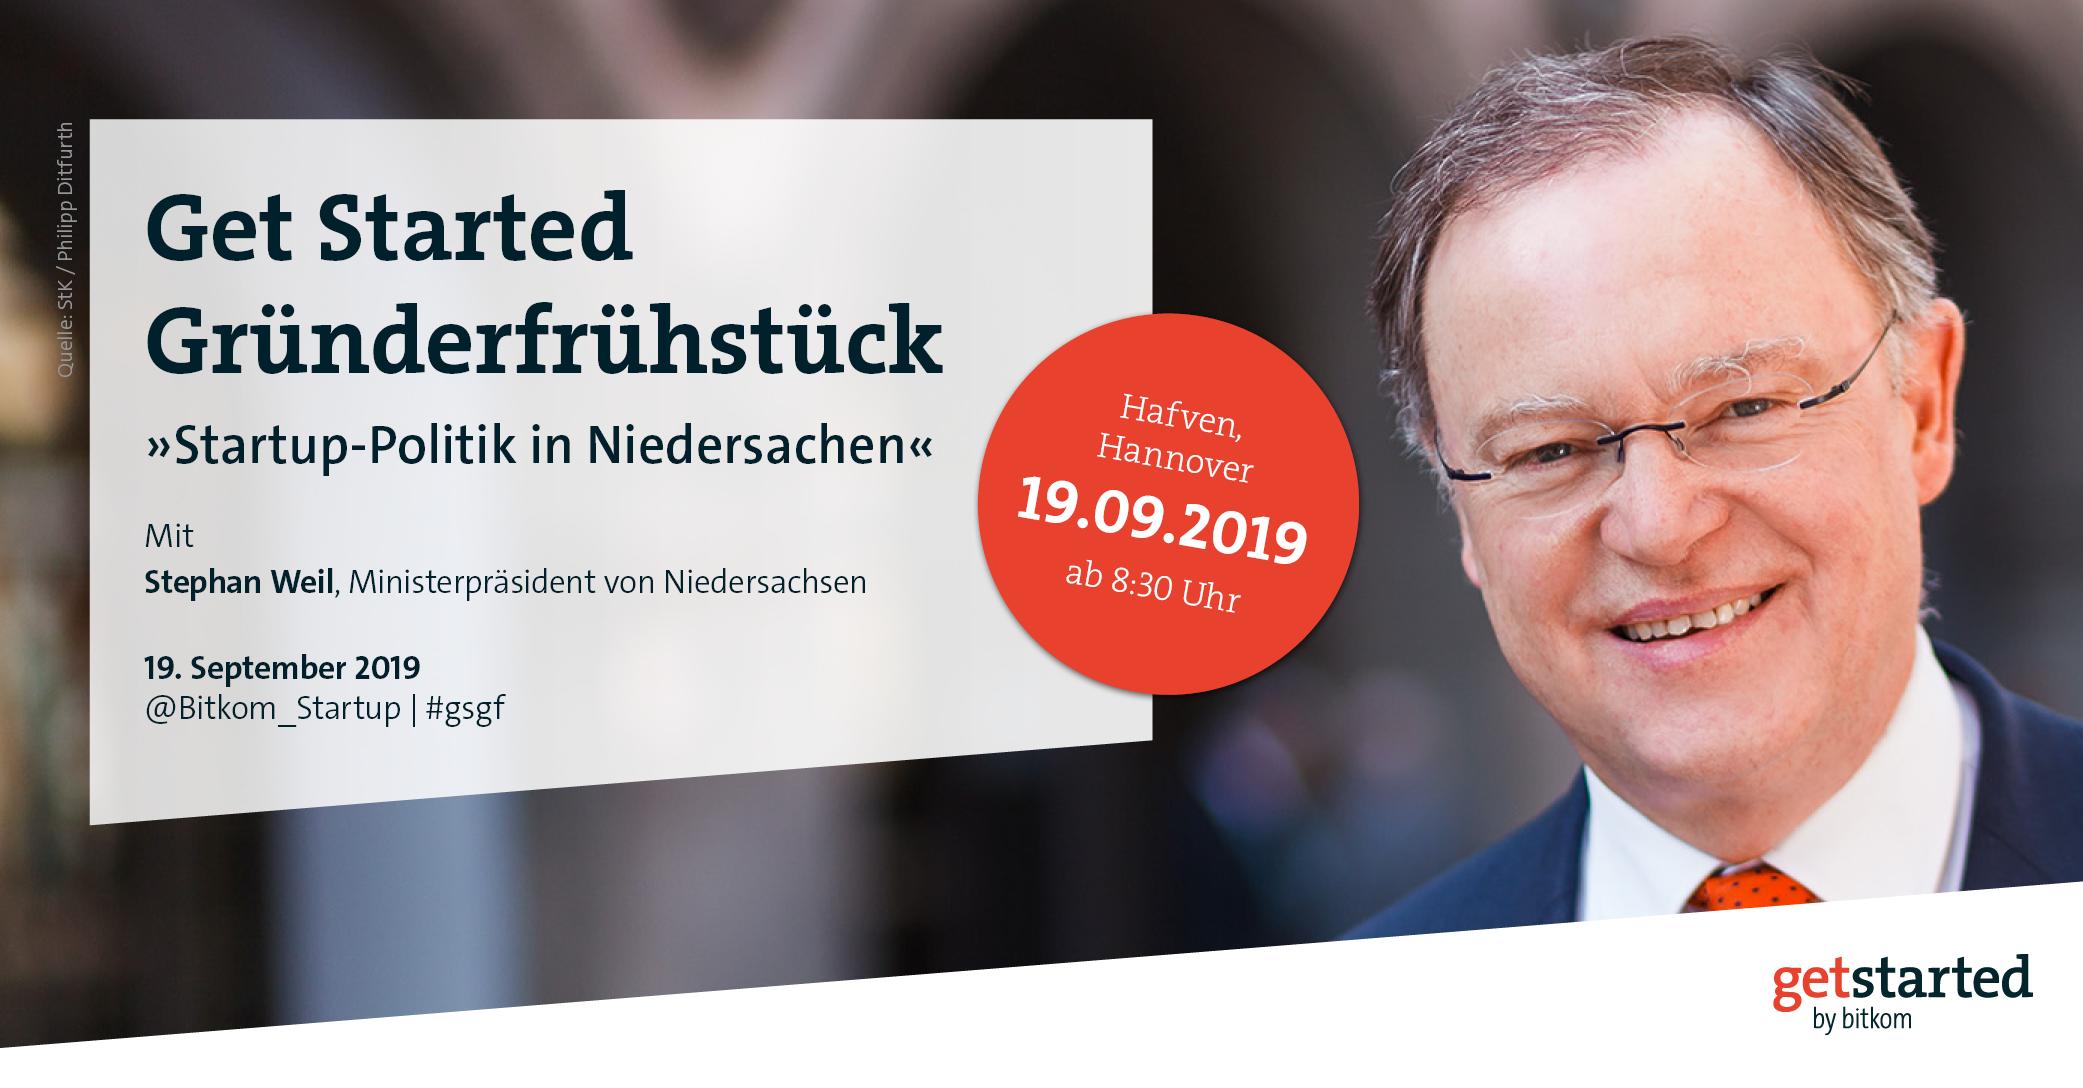 Titelbild zum Get Started Gründerfrühstück mit Niedersachsens Ministerpräsident Stephan Weil